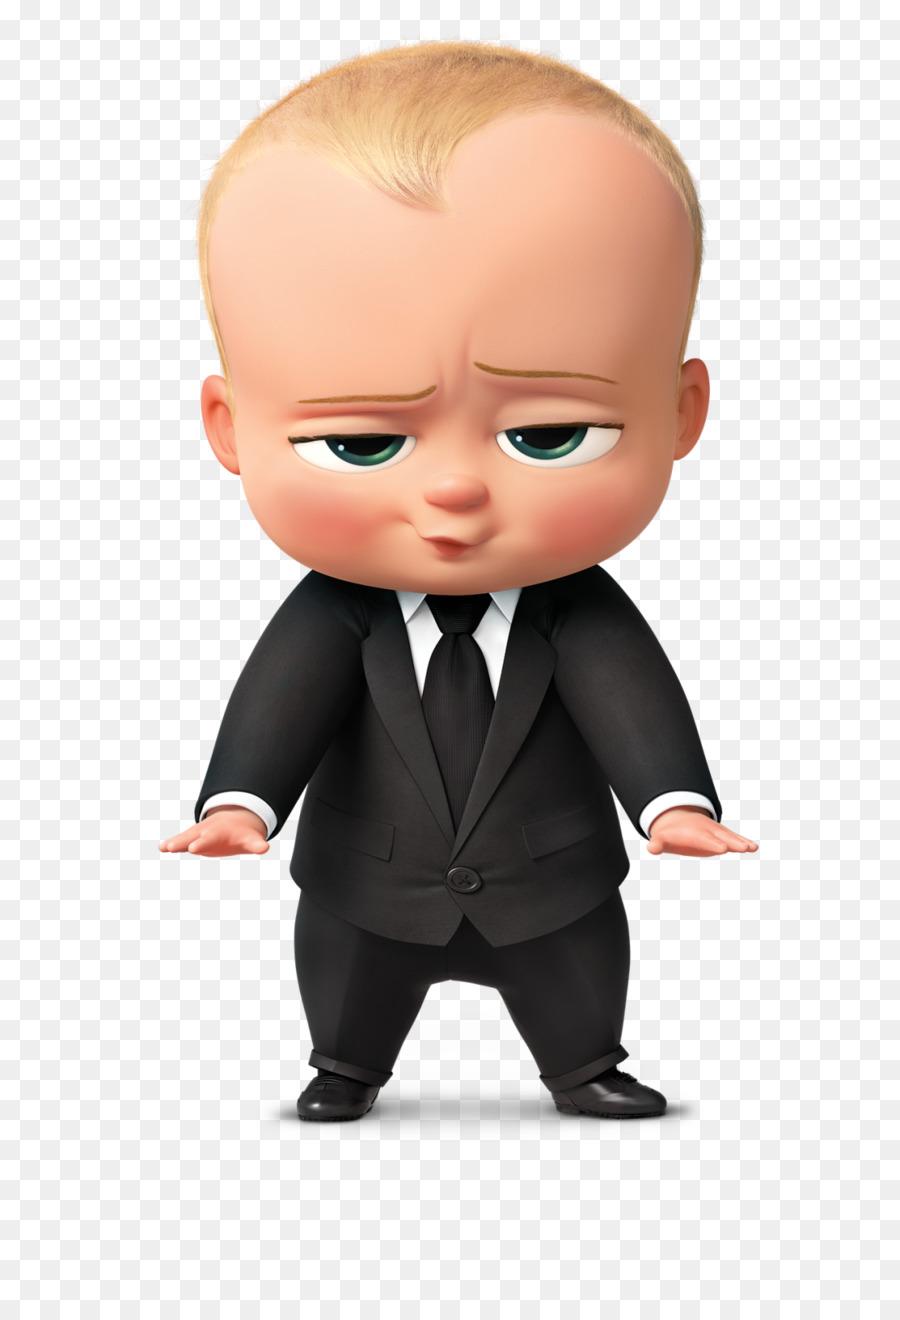 Descarga gratuita de Jefe Bebé, Pañal, Niño Imágen de Png